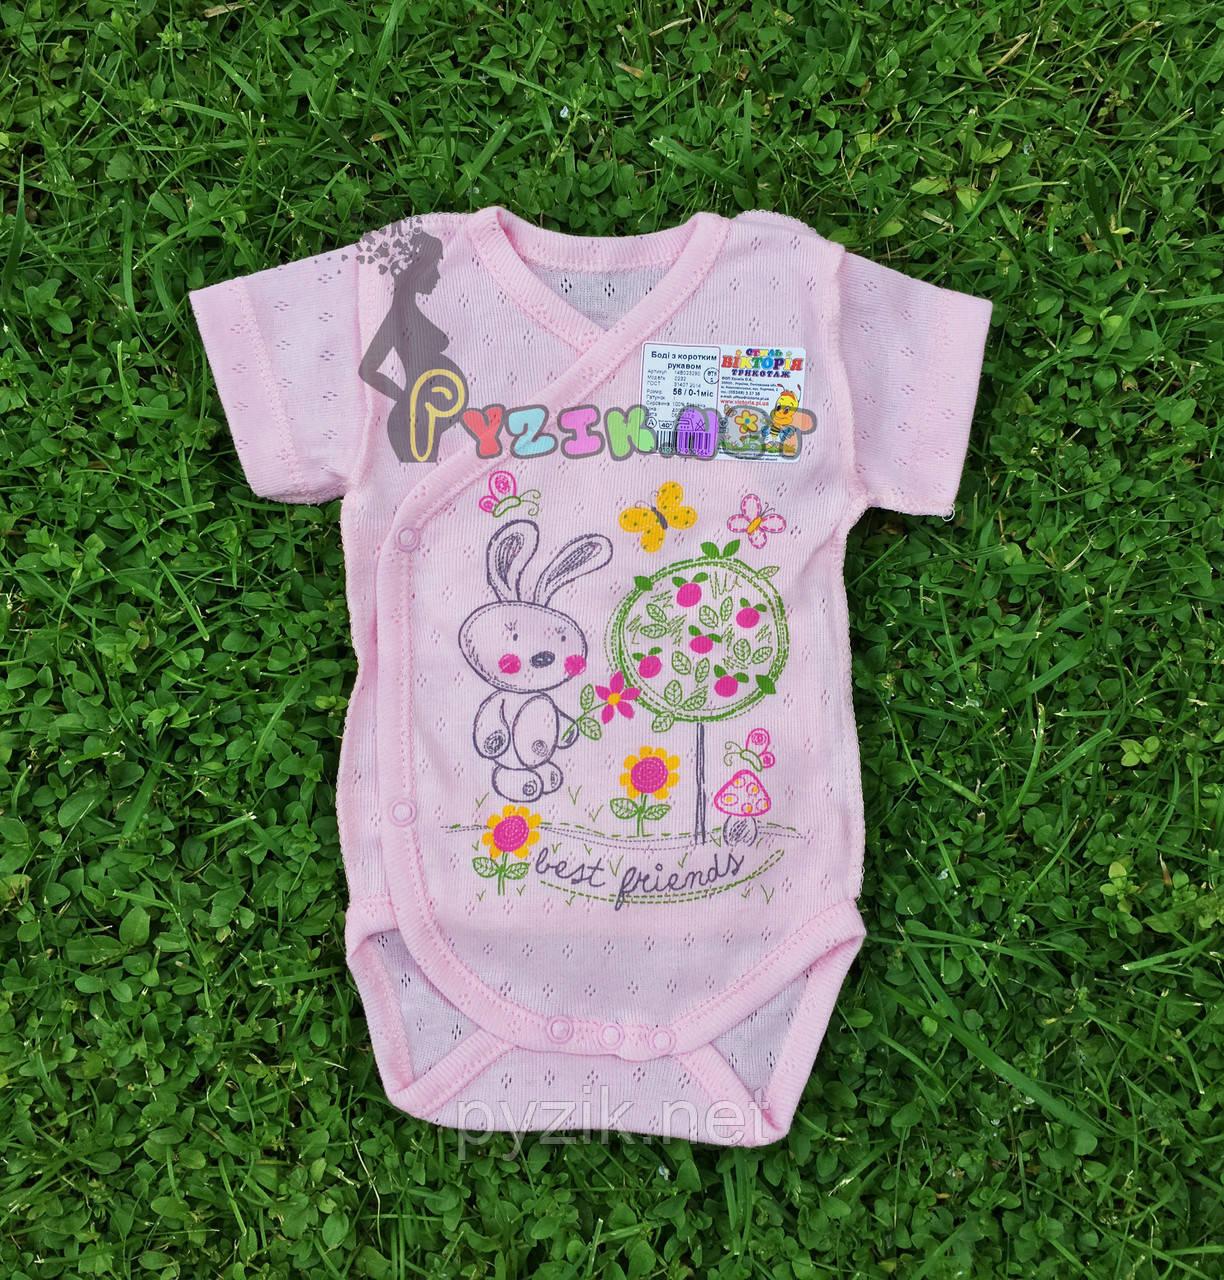 Бодик для новорожденных 100% хлопок (рибана) 56, 62, 68, 74 р-р, розовый